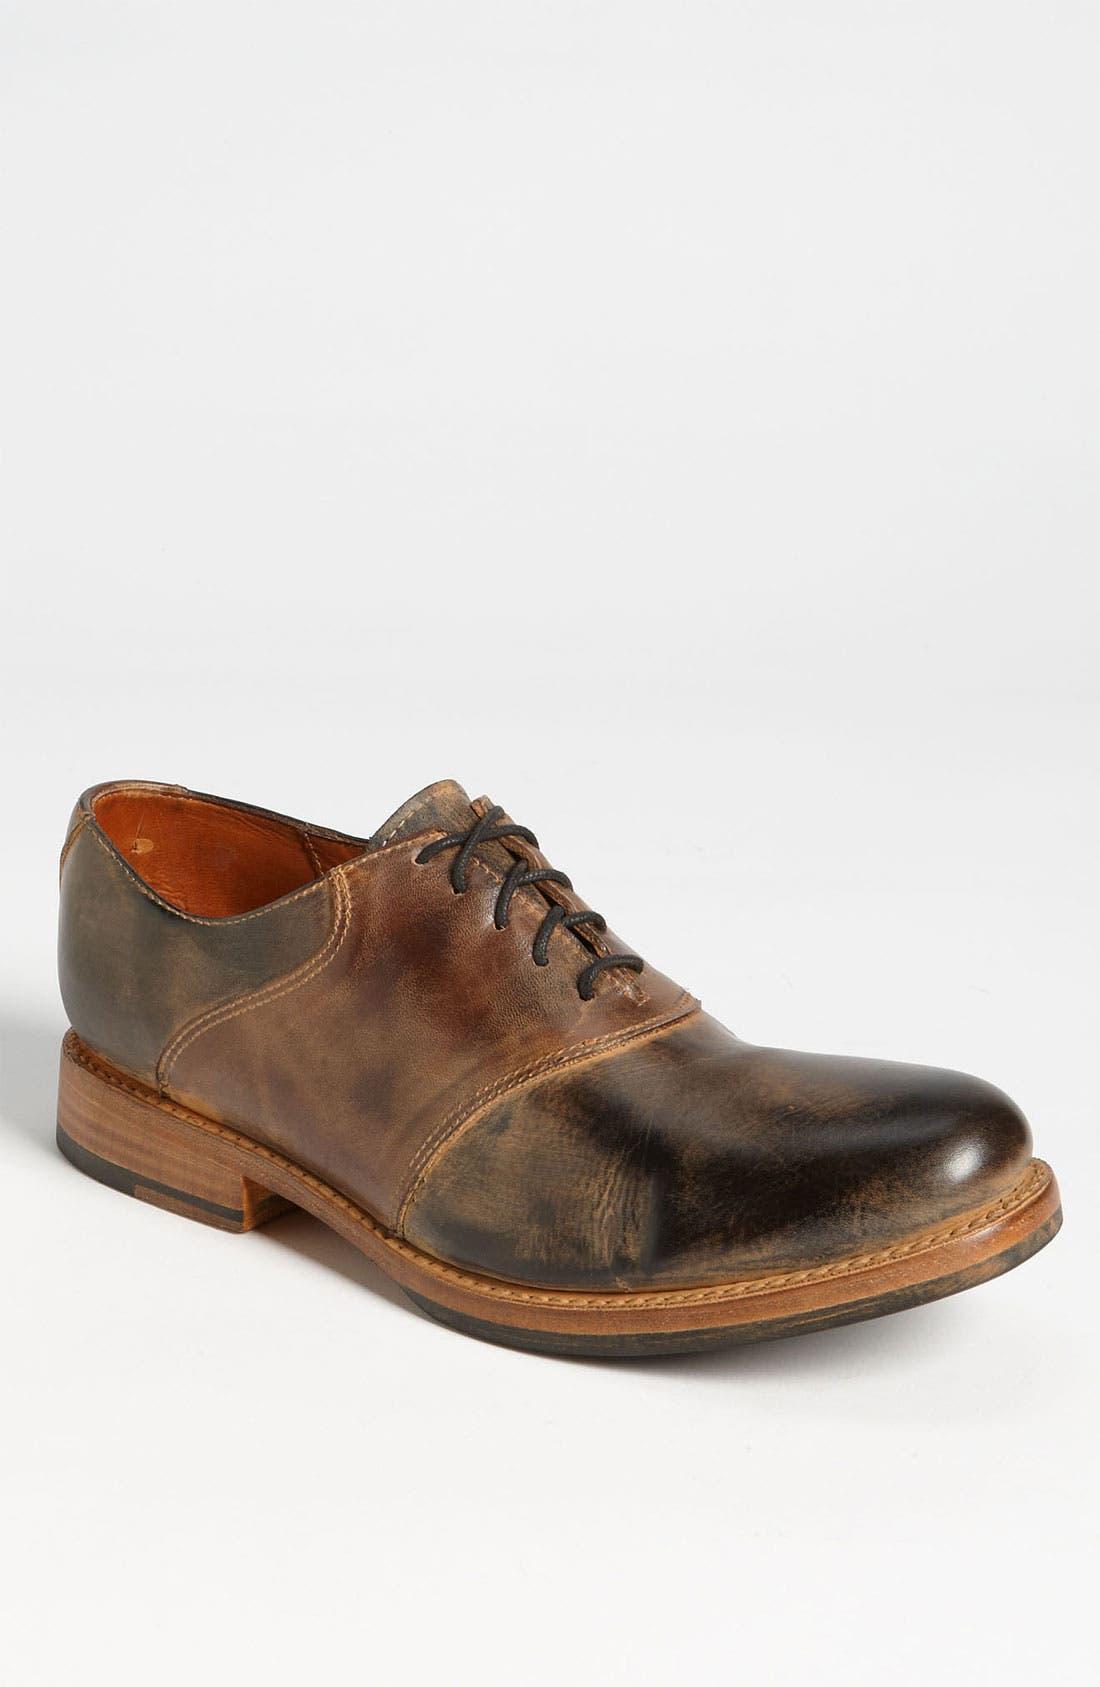 Alternate Image 1 Selected - Bed Stu 'Edison' Cap Toe Oxford (Men)